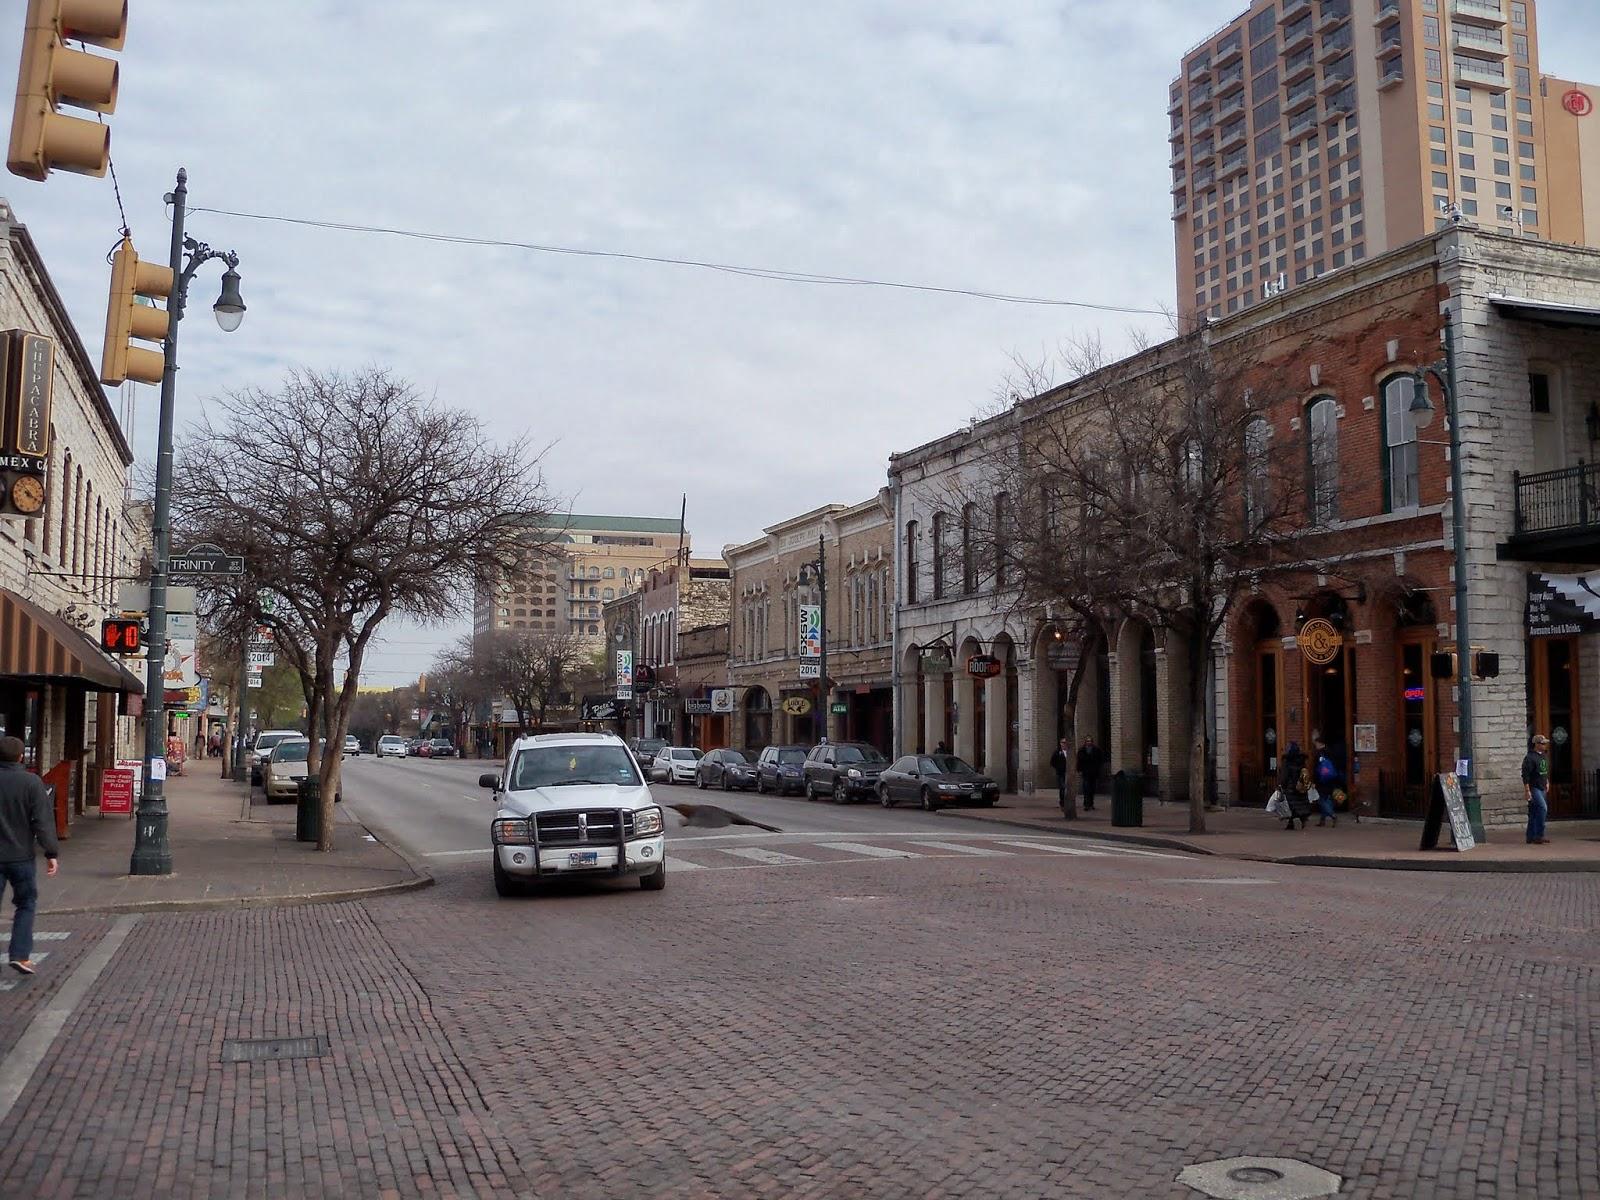 Austin, Texas for SXSWedu - 116_0895.JPG